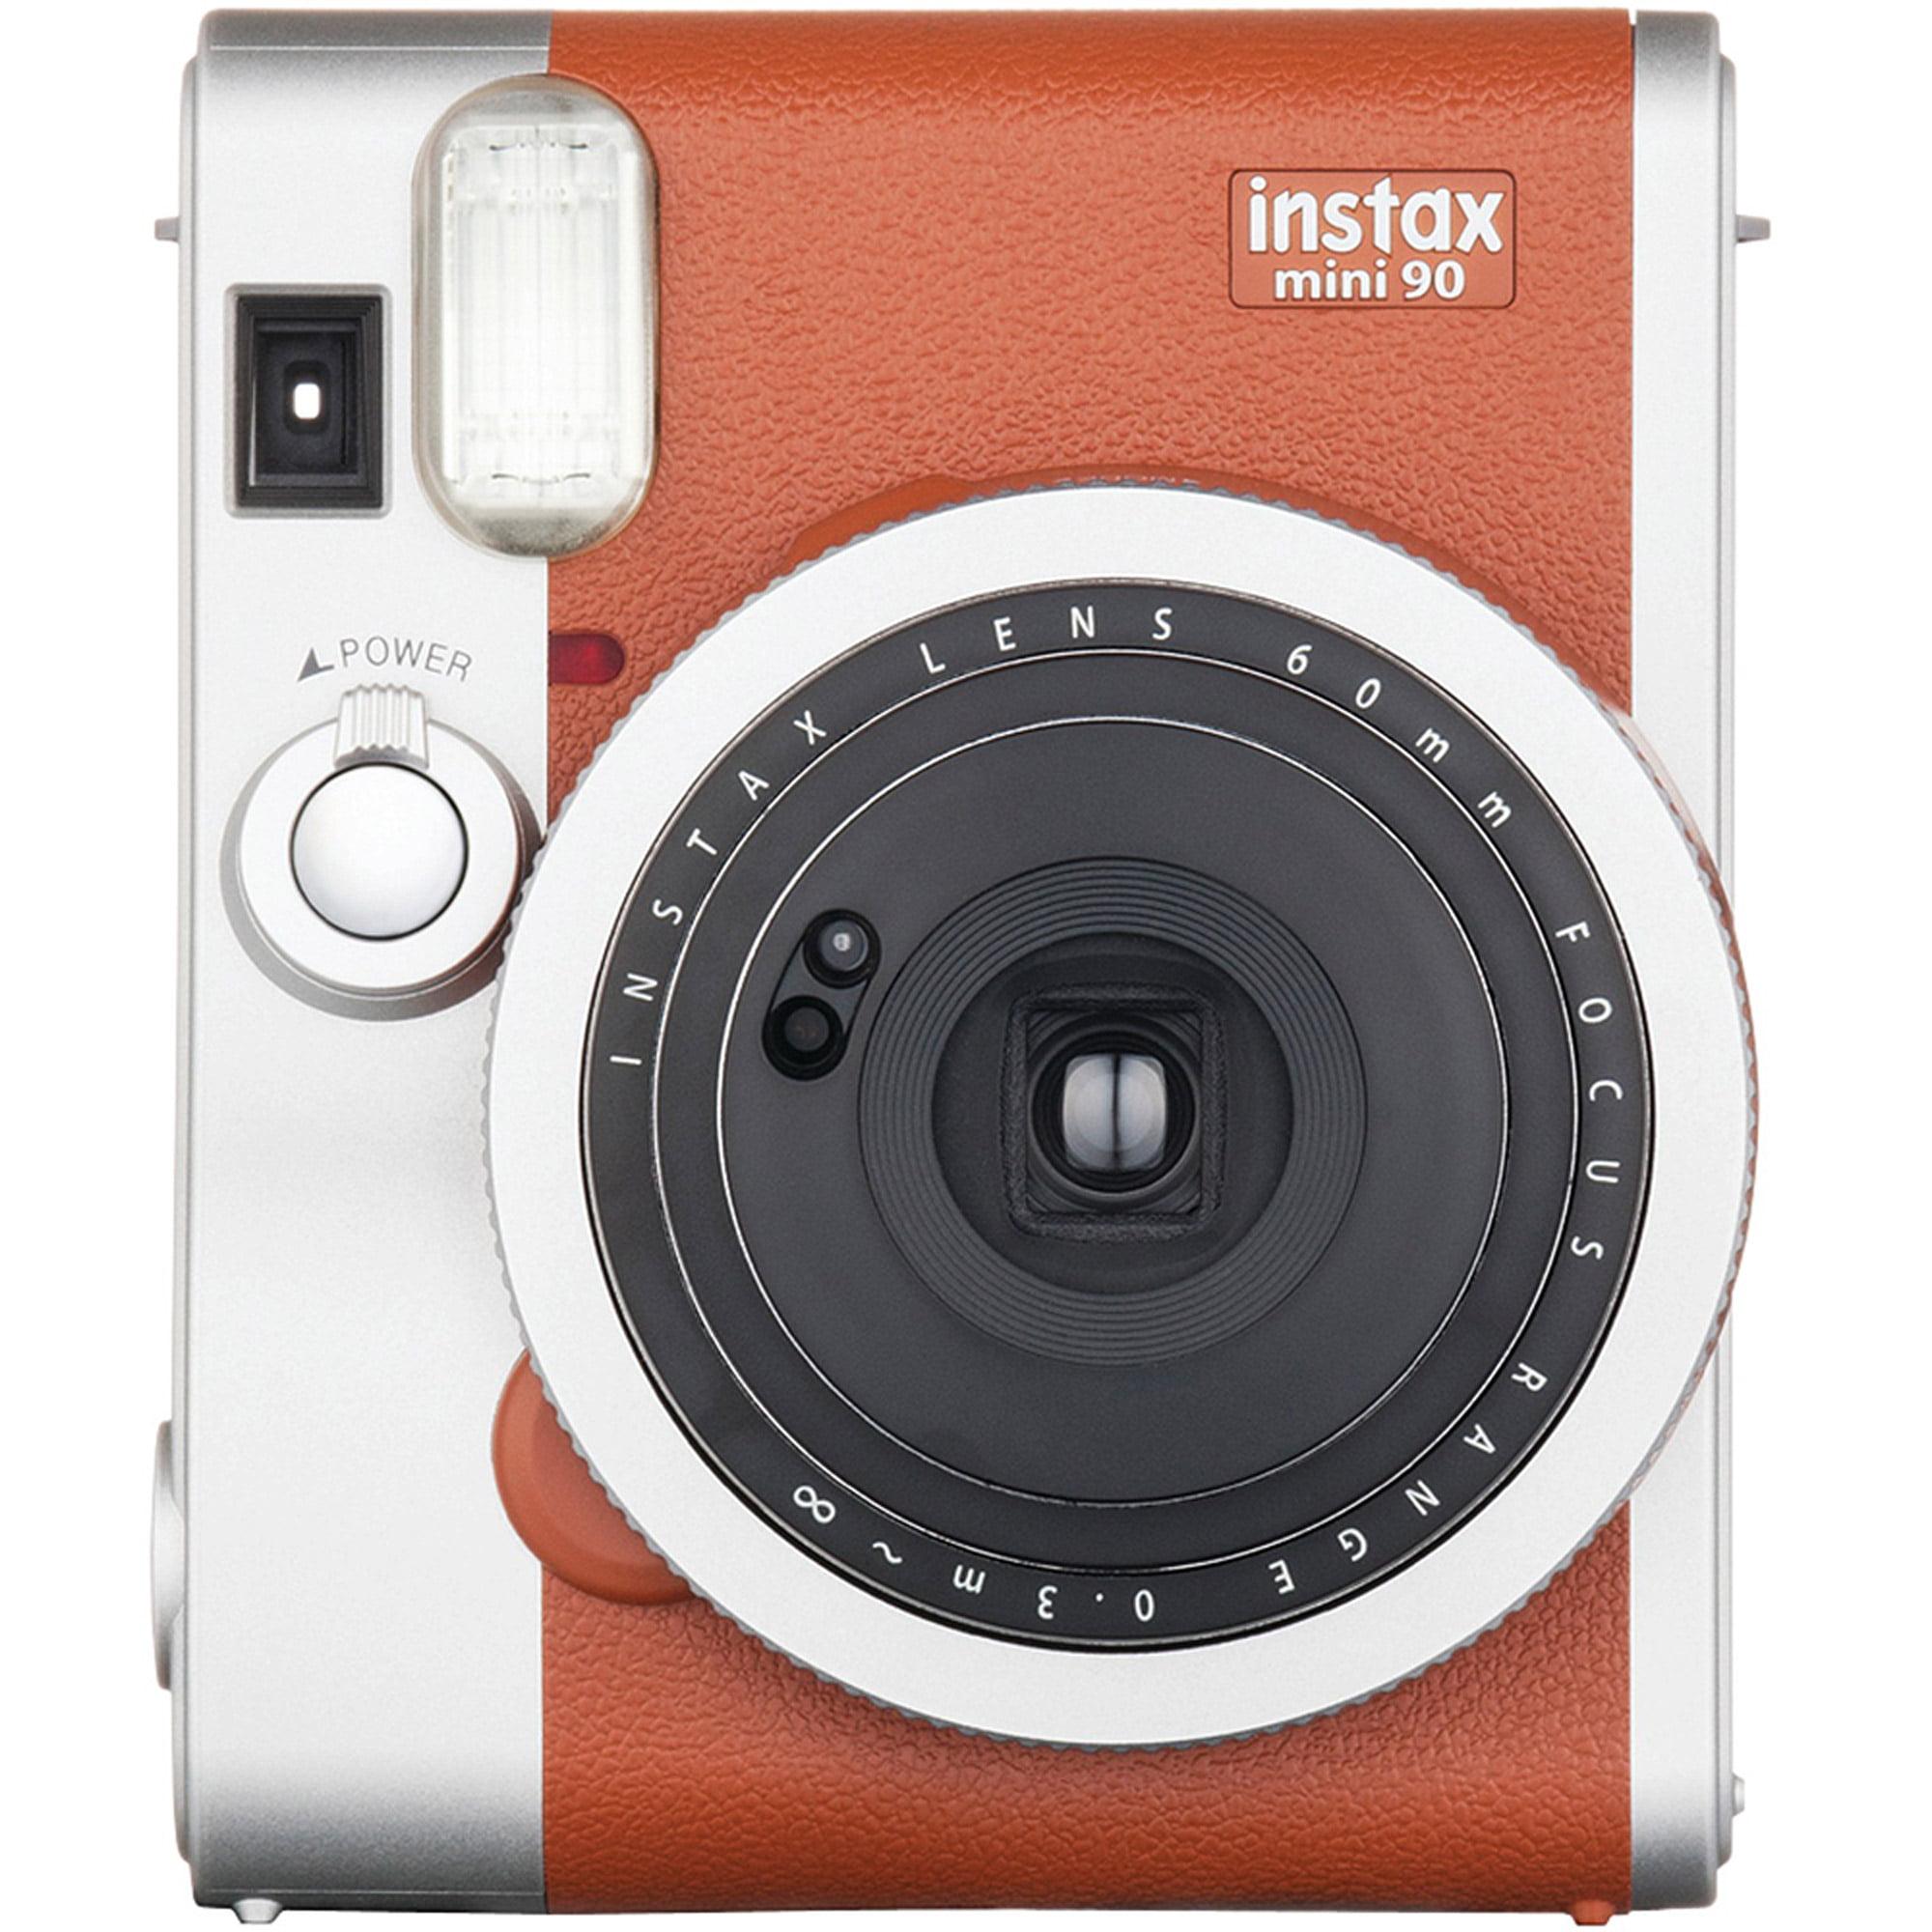 Fujifilm Instax Classic Mini 90 Digital Camera, Brown